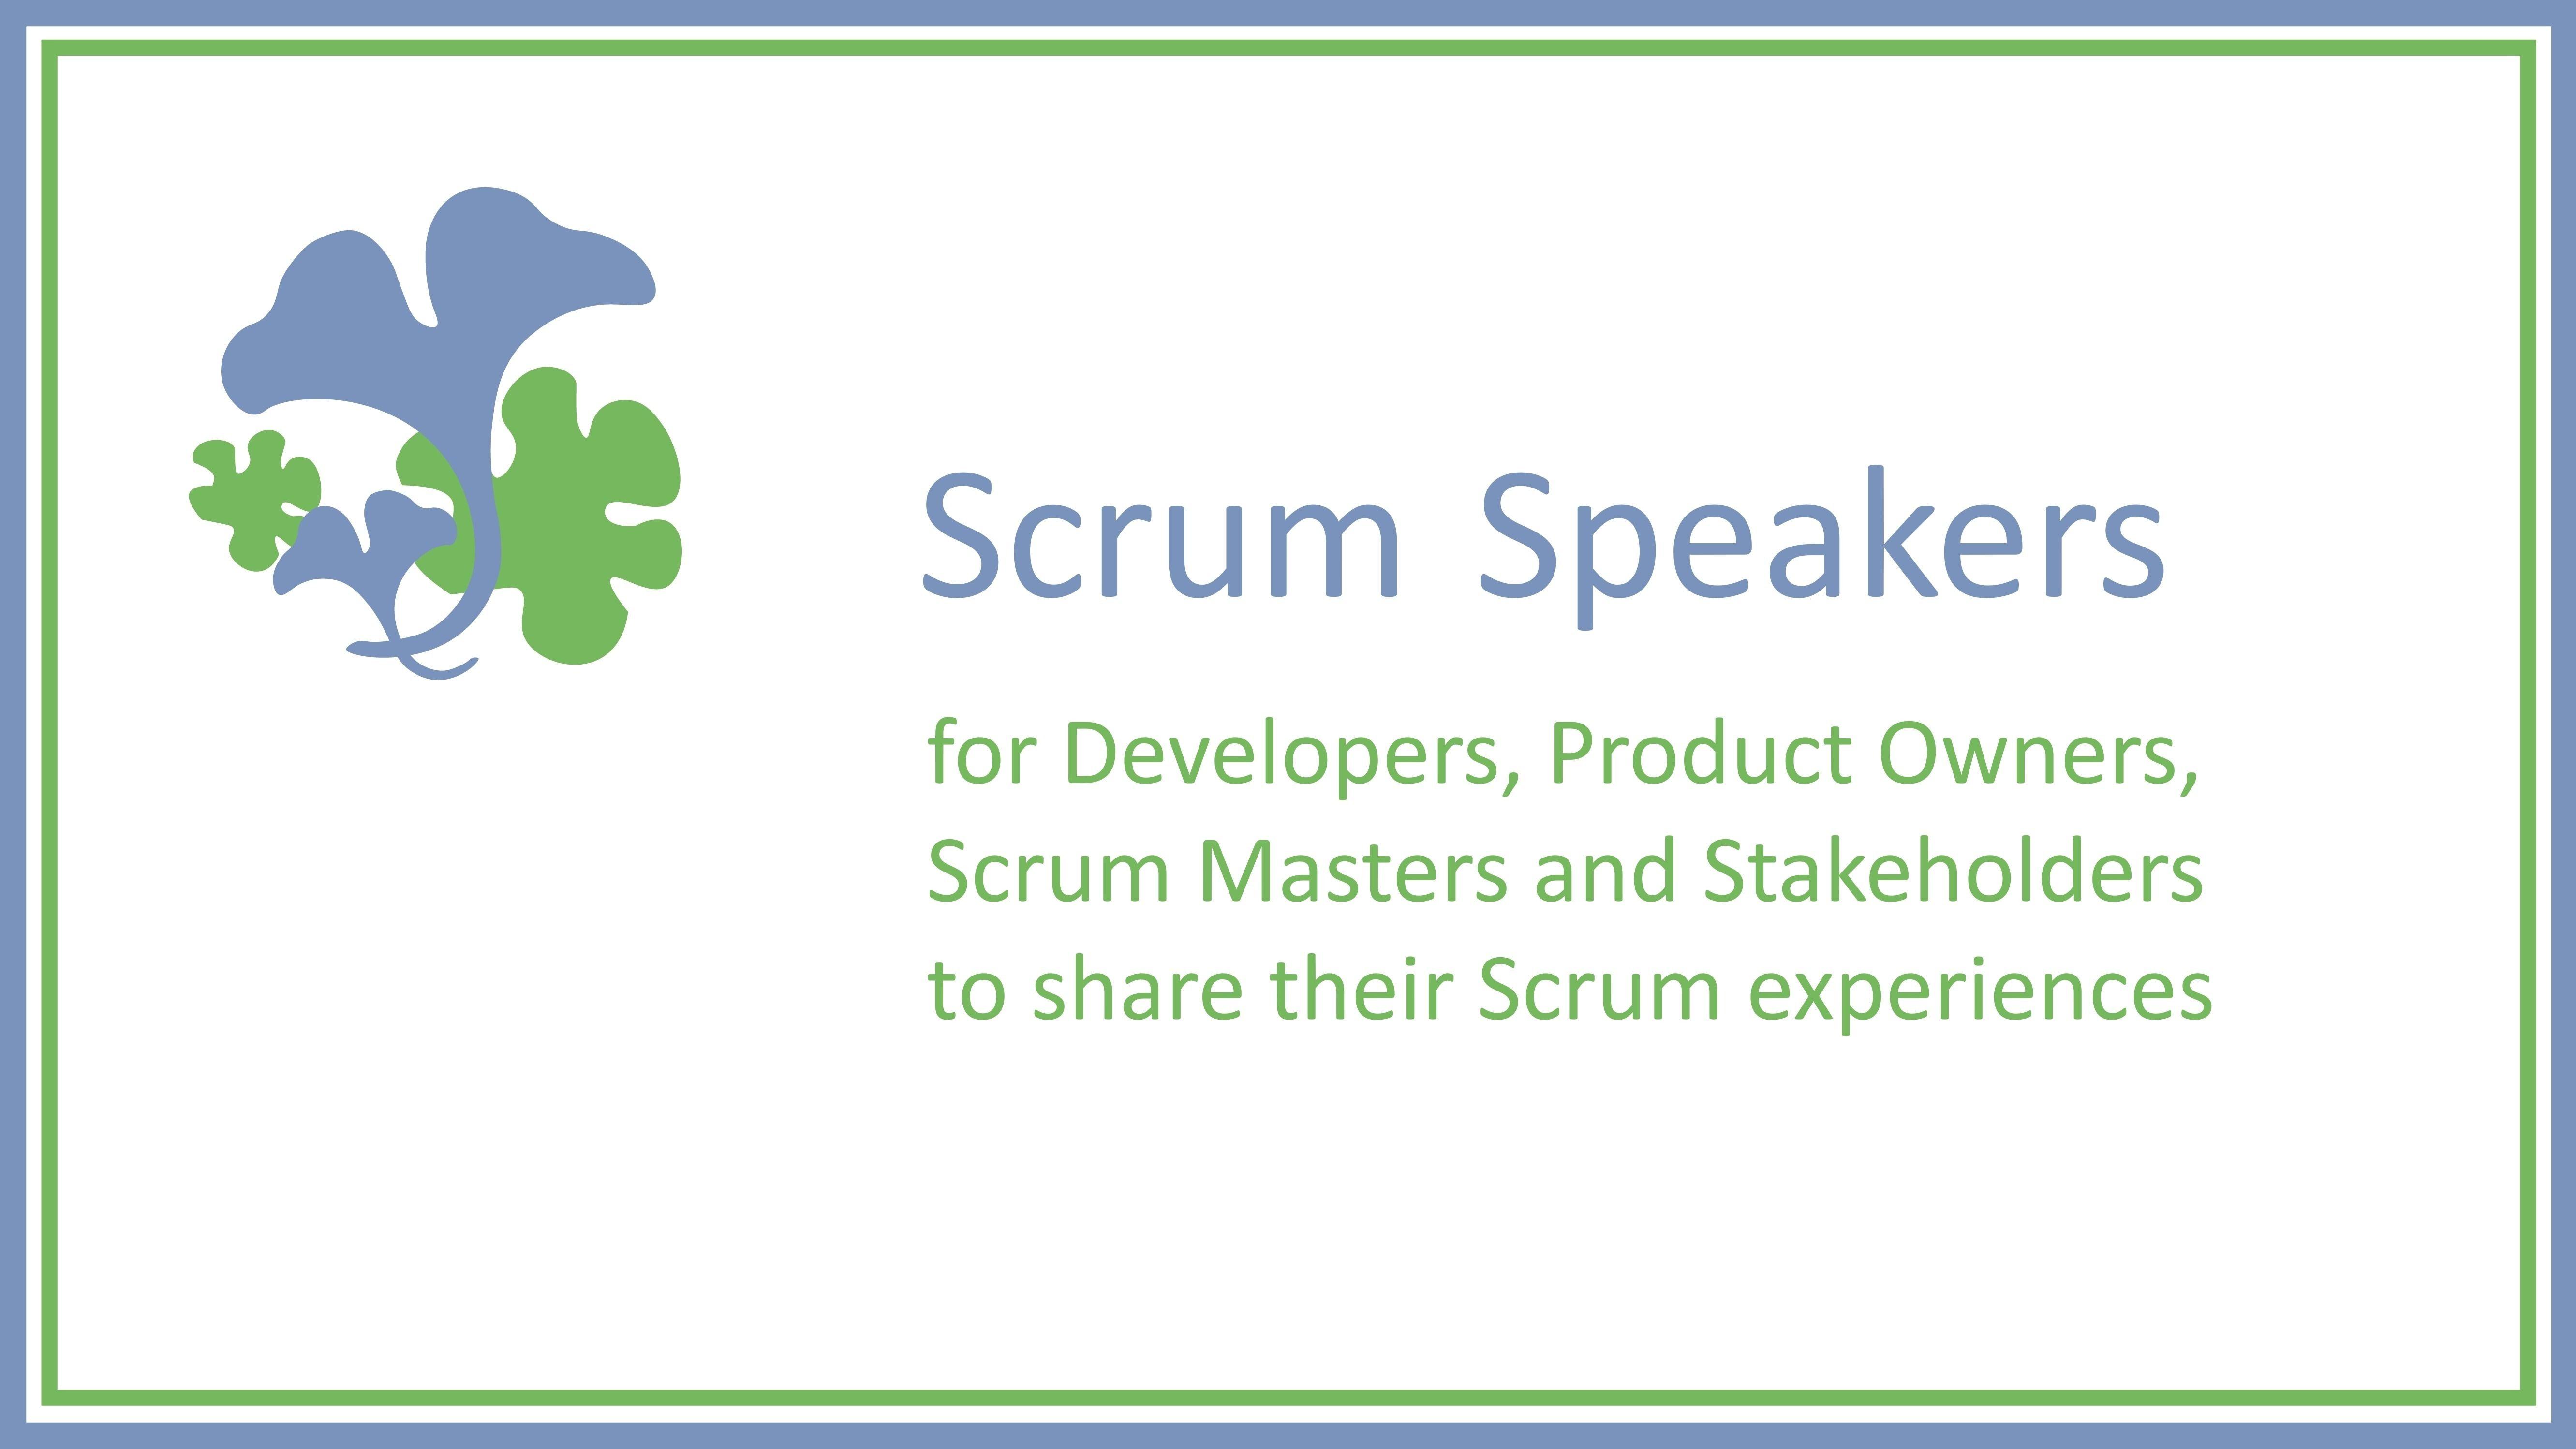 Scrum Speakers